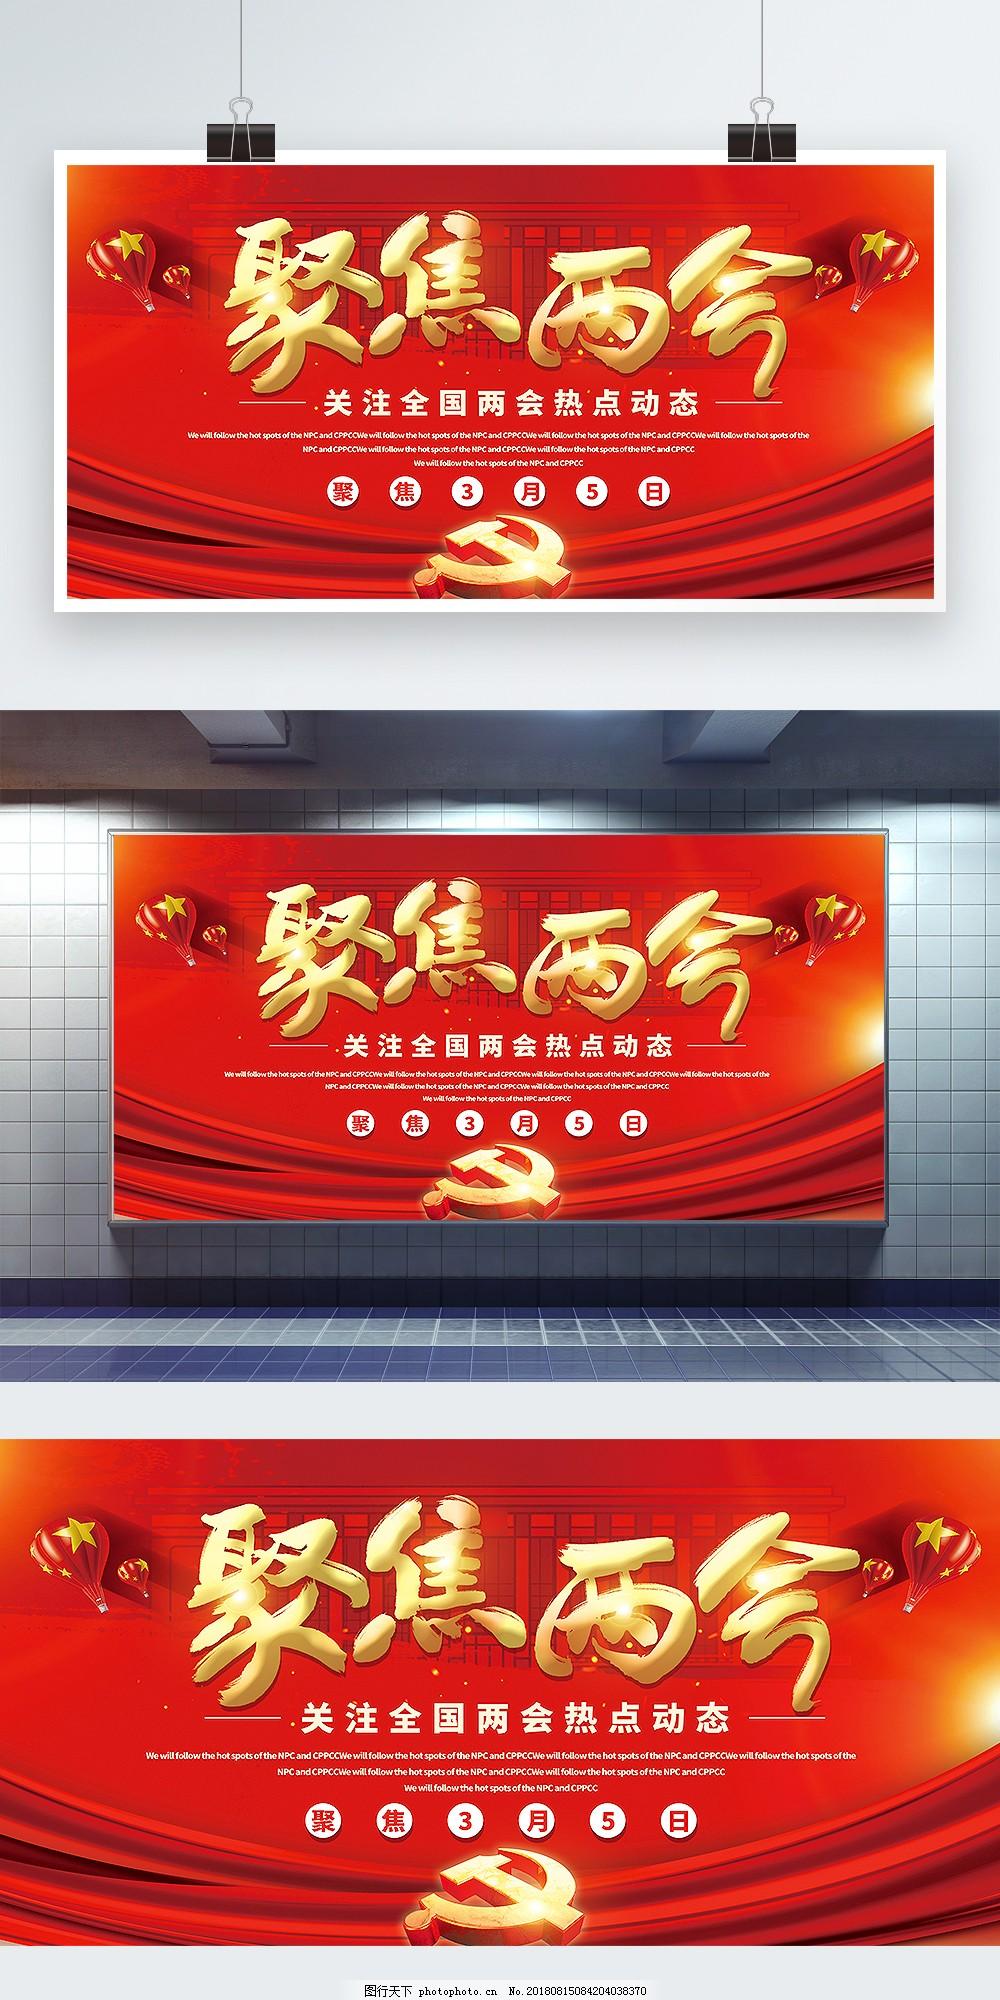 红色简洁大气聚焦两会宣传展板